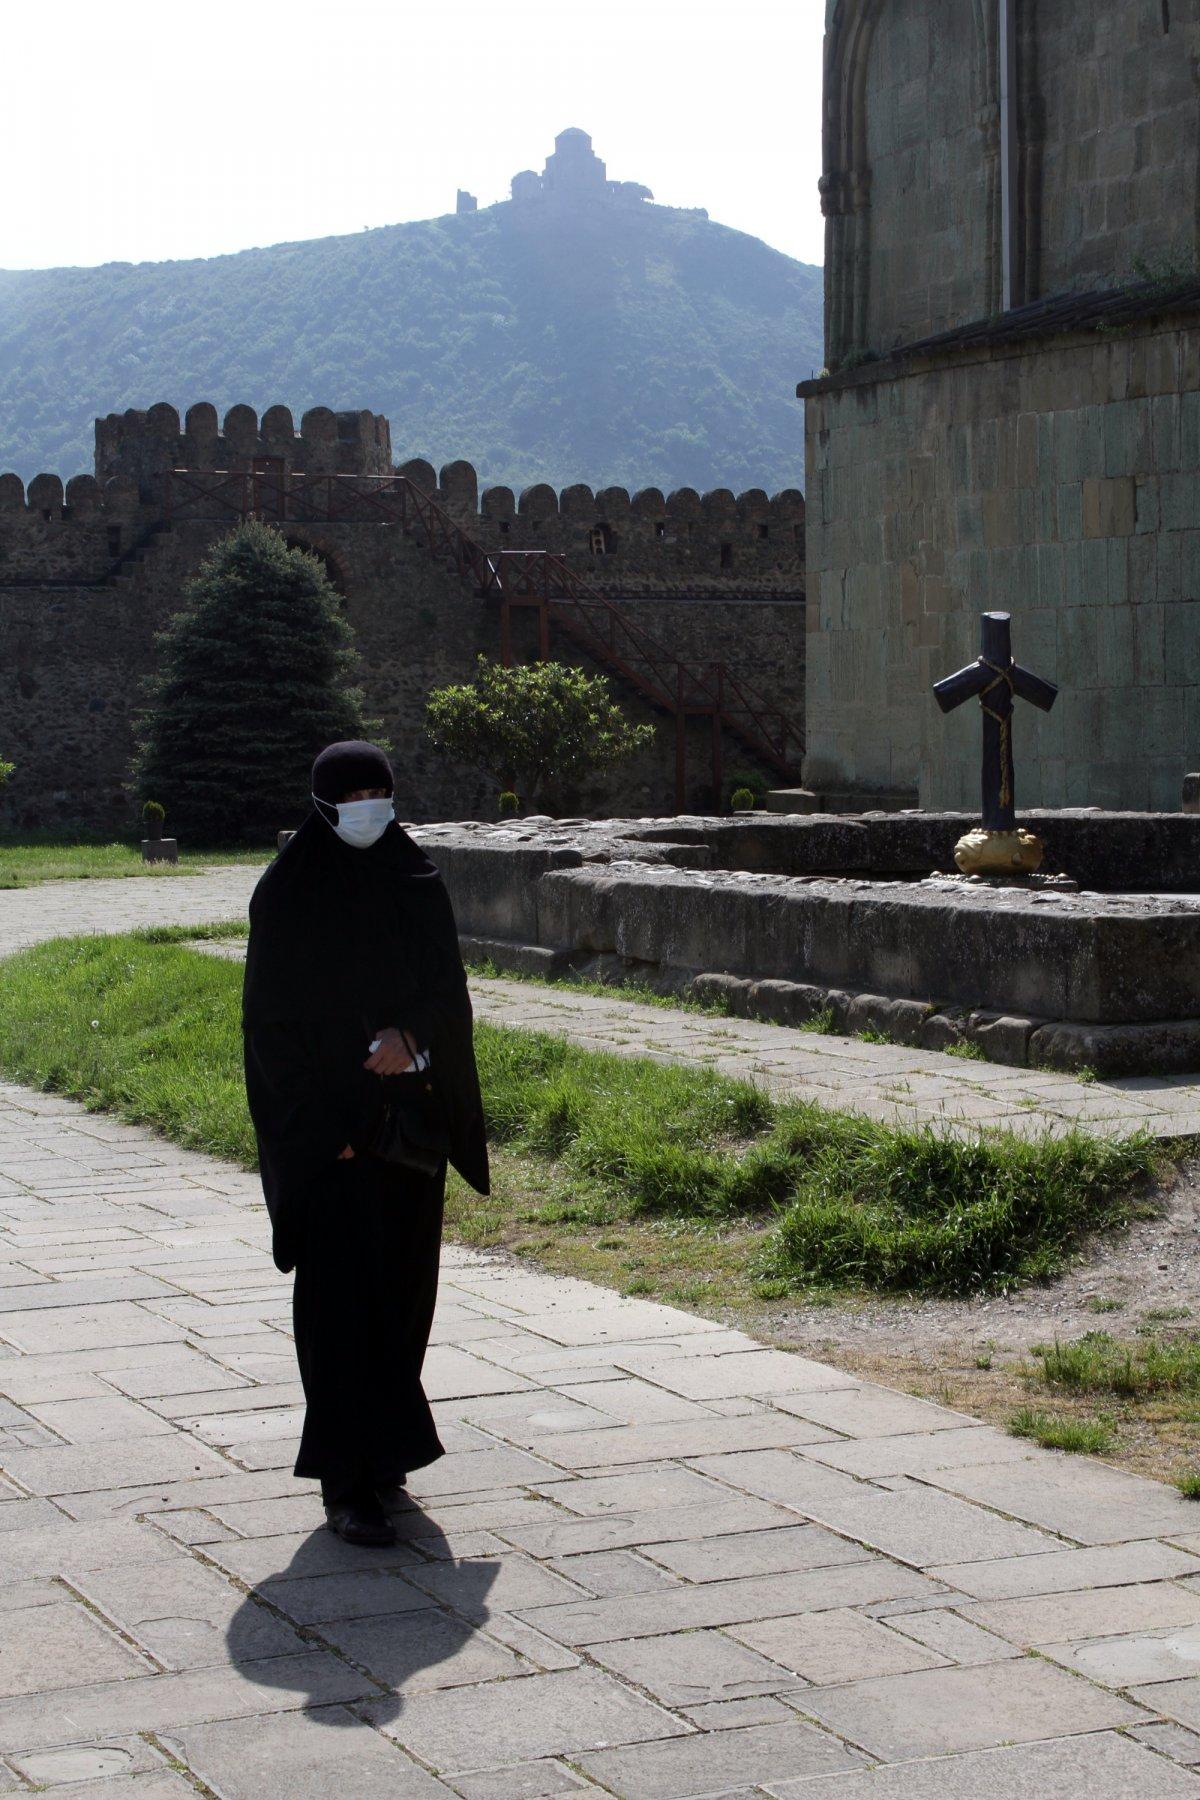 Mcheta , Grúzia egyik legrégebbi városának két híres műemléke: a Szvetichoveli-székesegyház belső udvara, háttérben pedig a  Dzsvari-kolostor •  Fotó: D. Balázs Ildikó